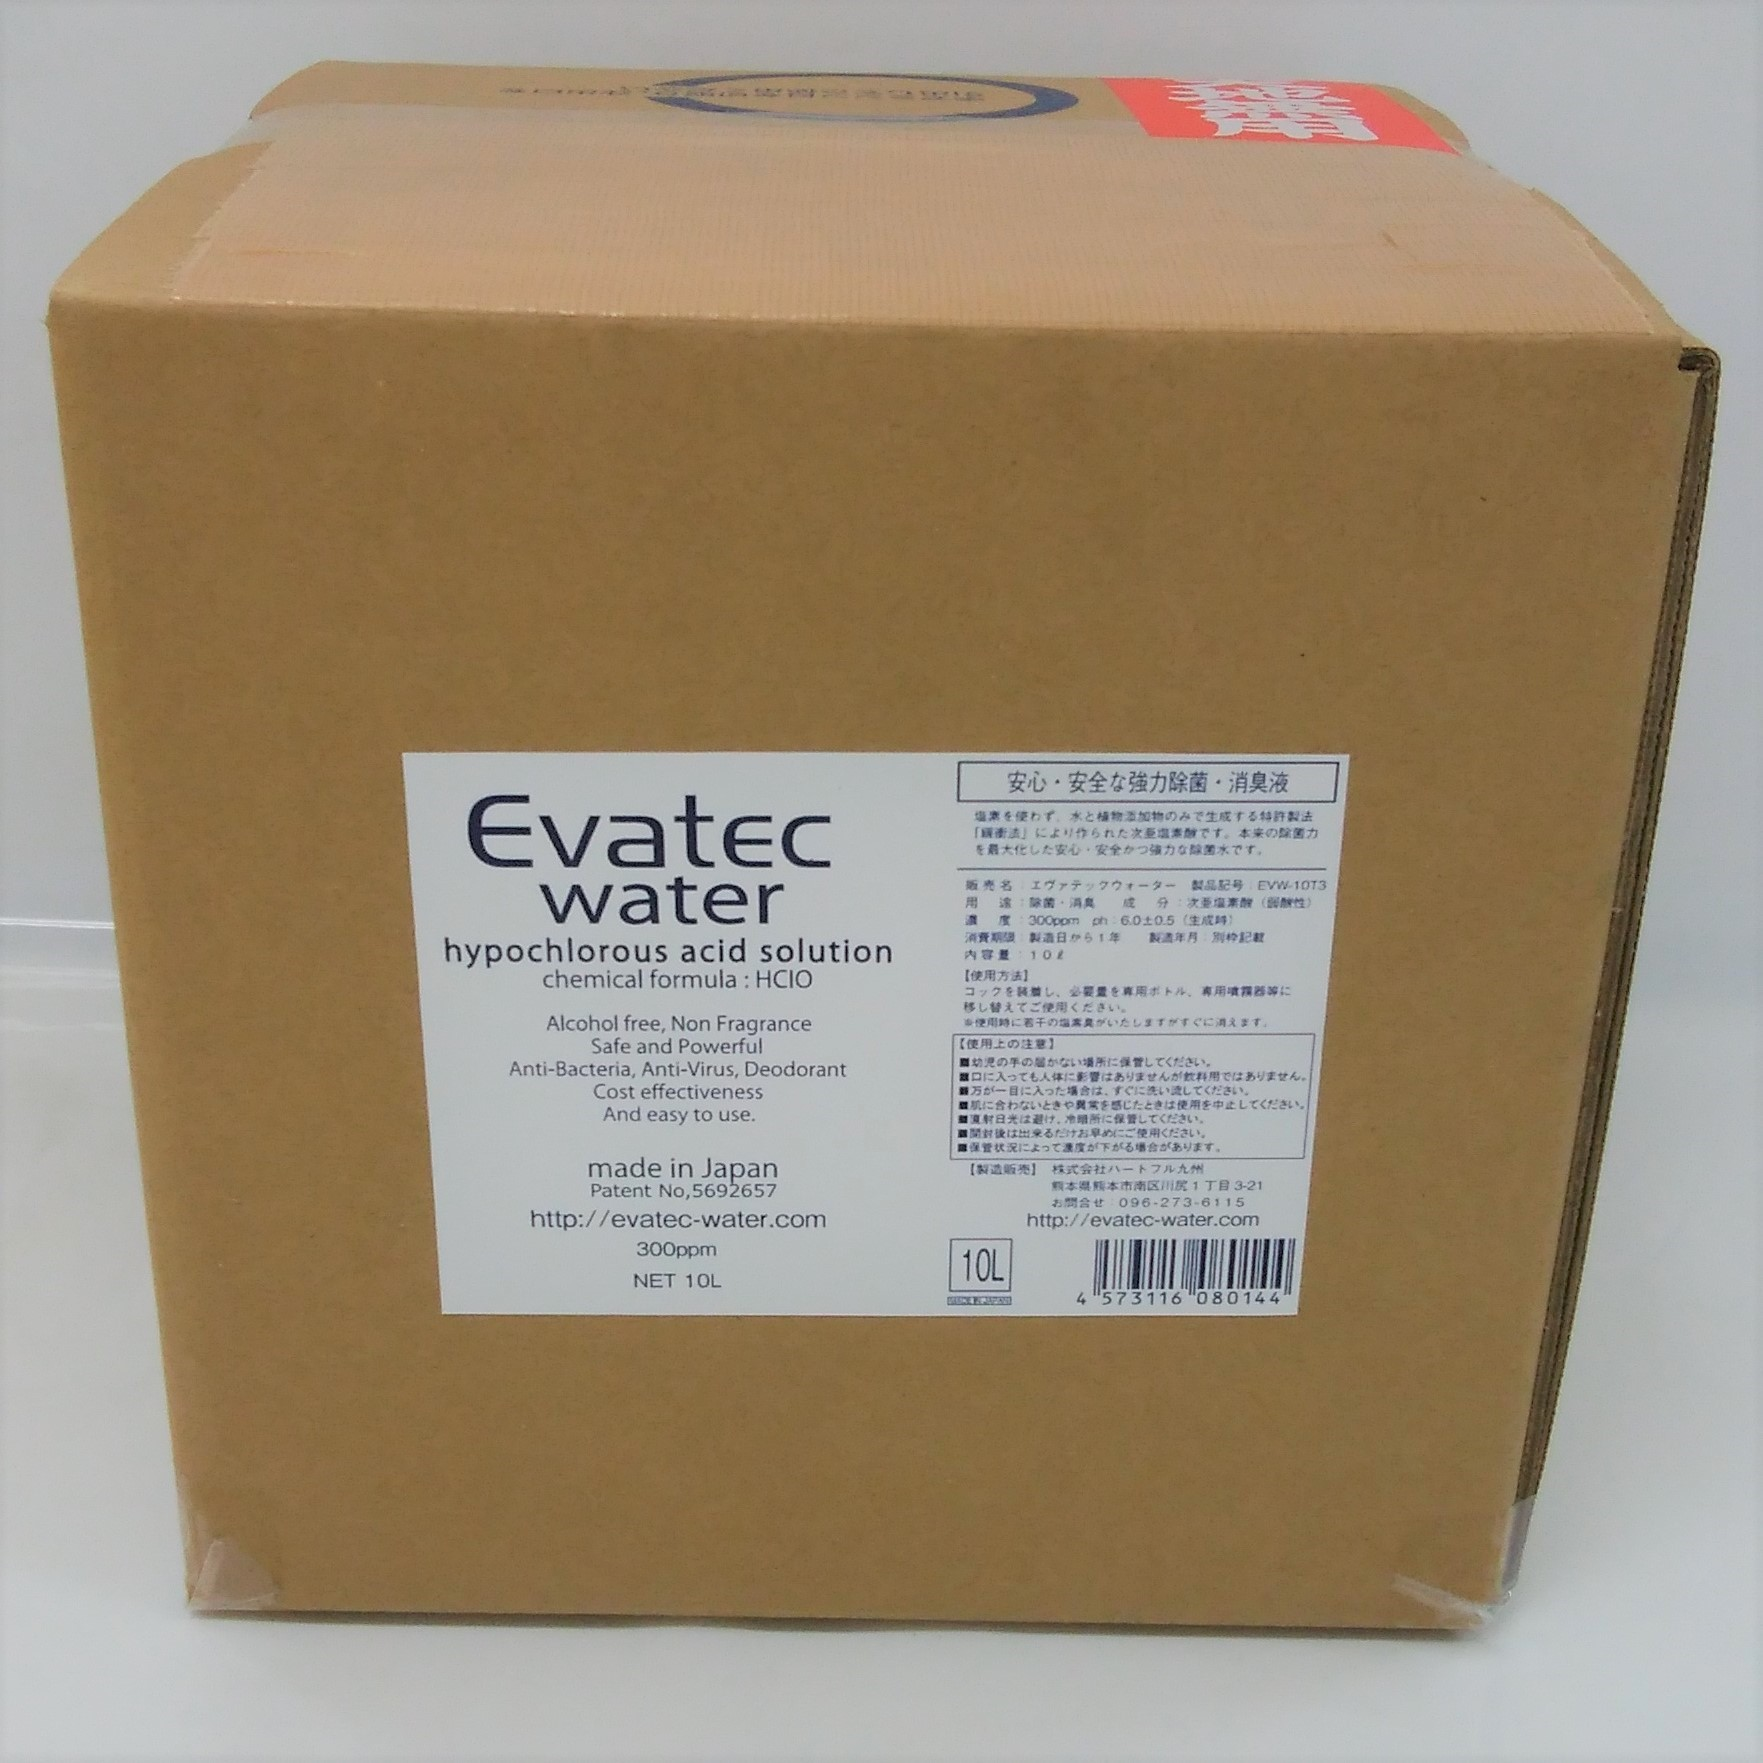 【EVW-20T6】 エヴァテック ウォーター 除菌消臭液 20リットル キューブテナー 600ppm